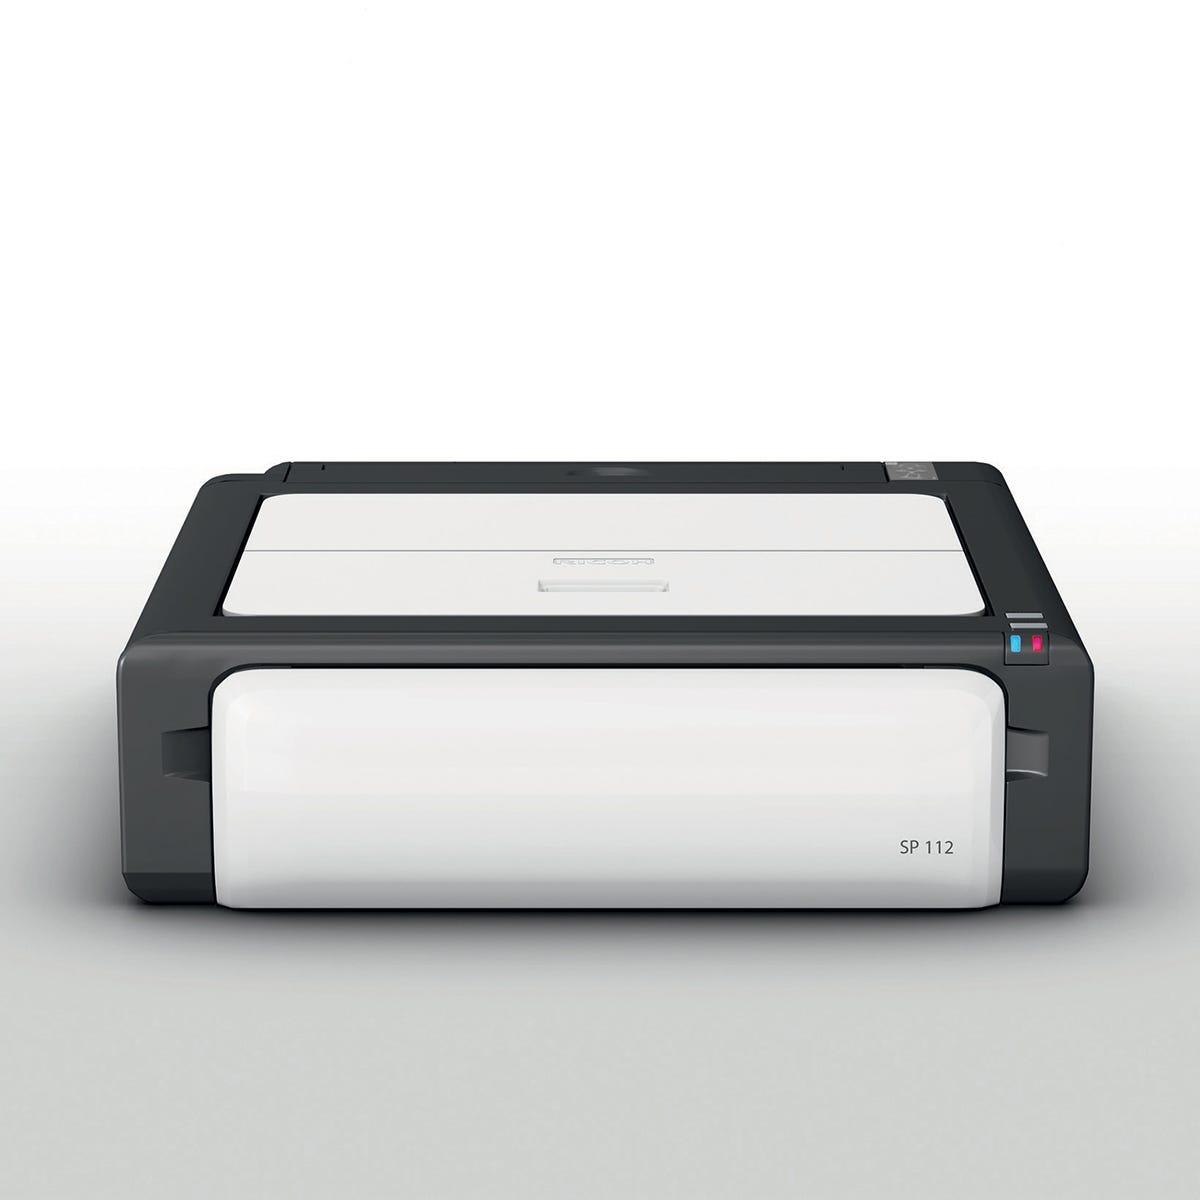 Ricoh SP 112 A4 Desktop Mono Laser Printer